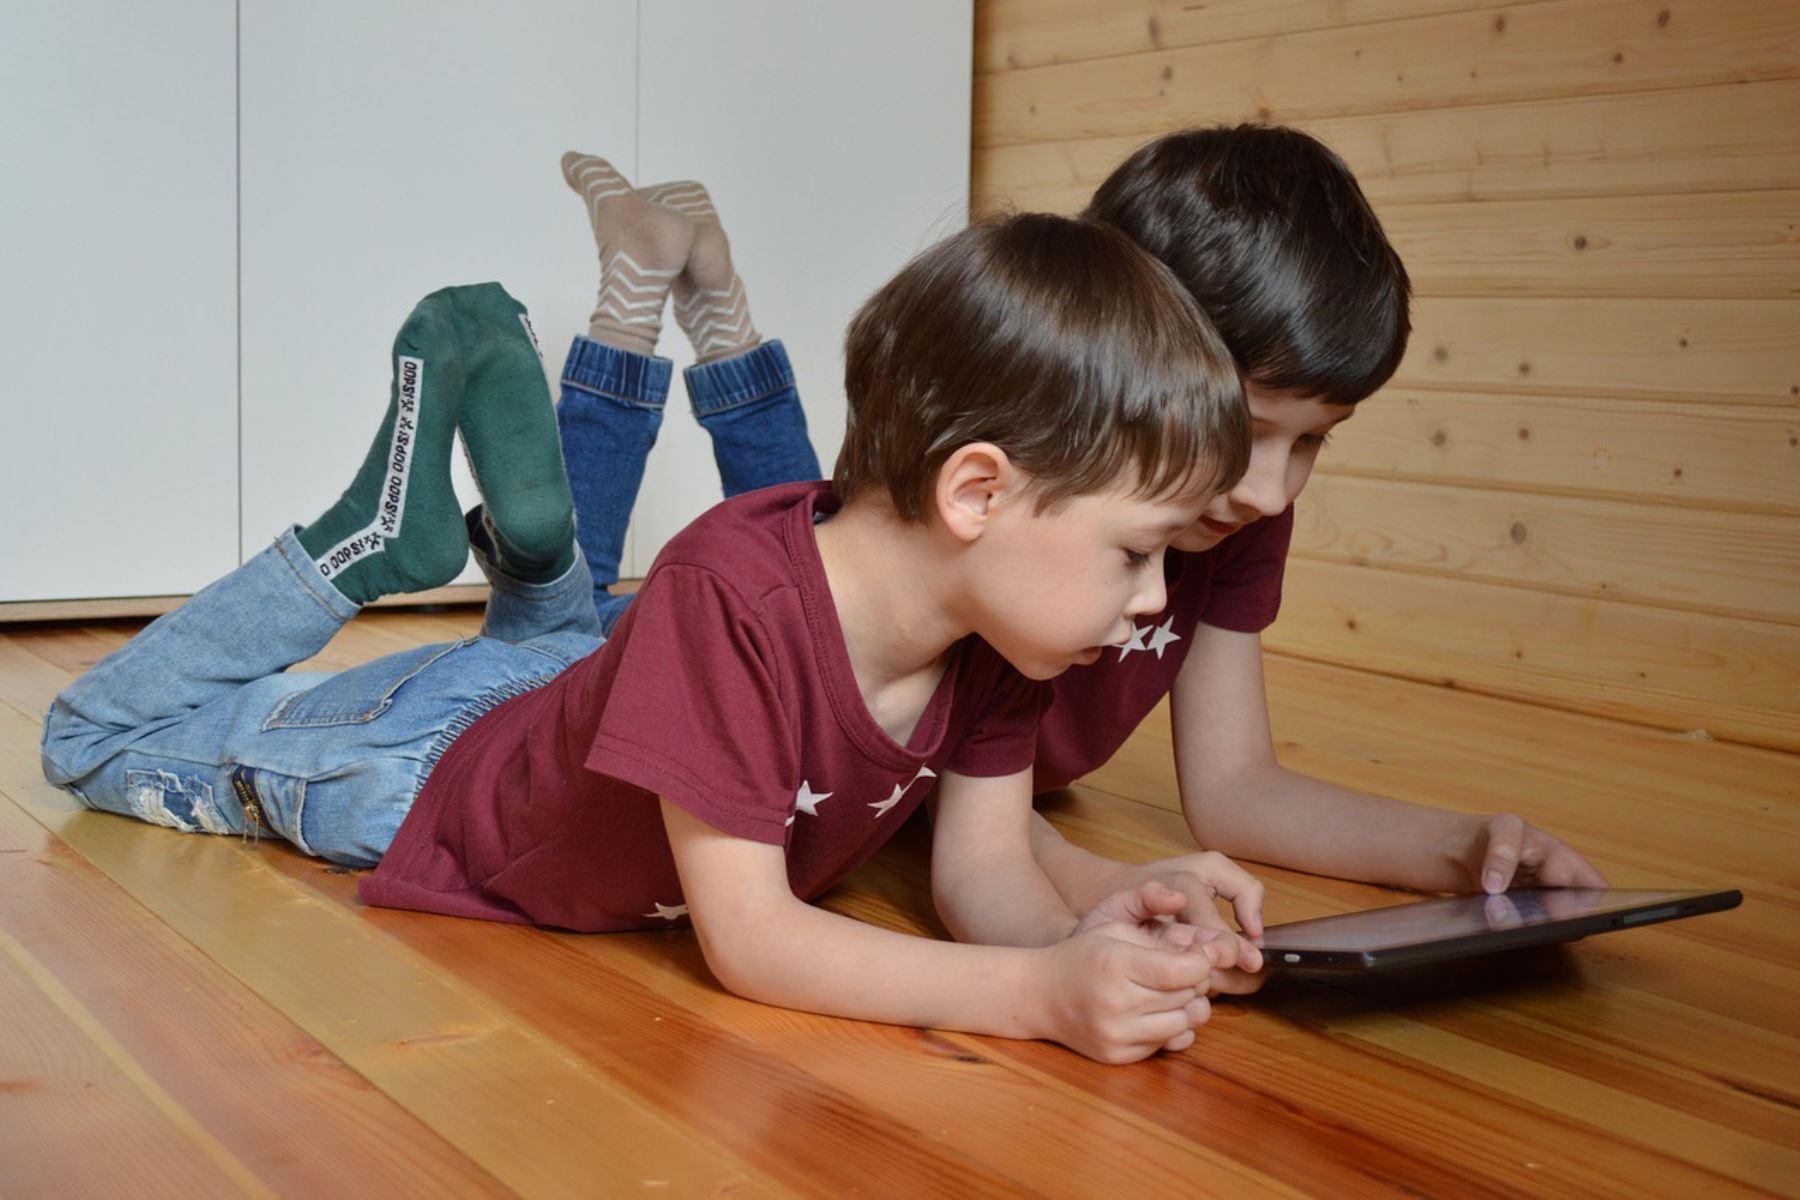 juegos-en-linea-y-como-mantener-a-los-ninos-protegidos